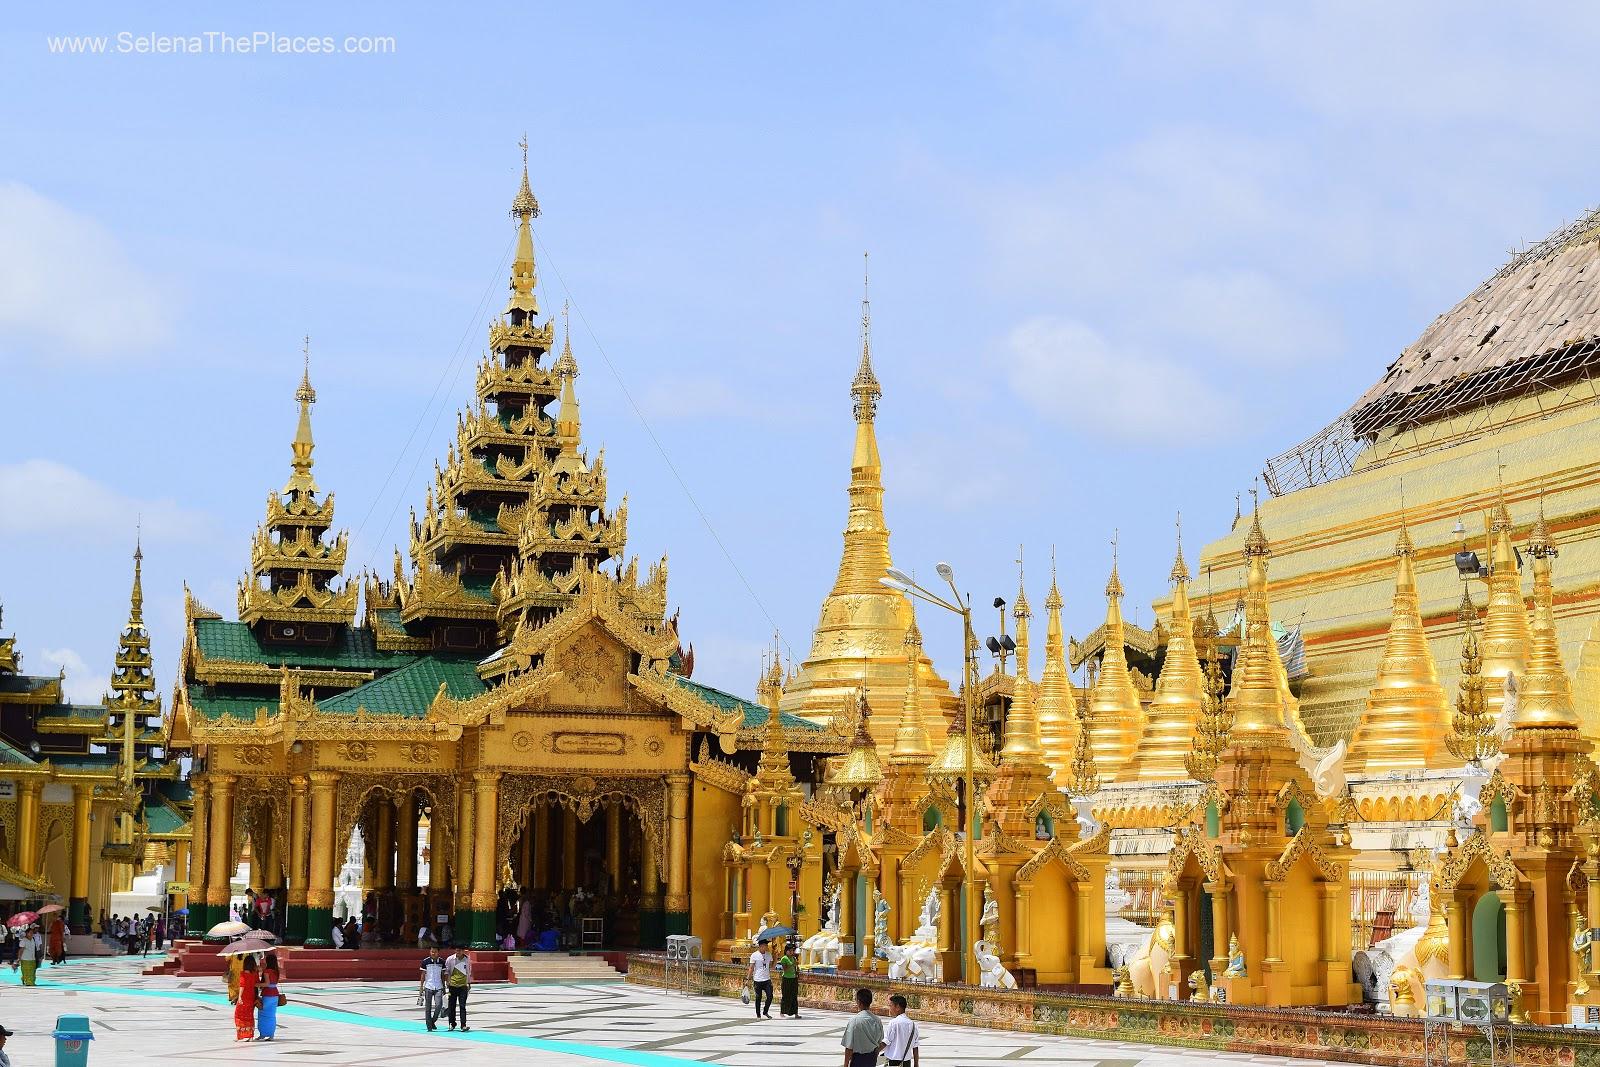 Shwedagon Pagoda in Yangon